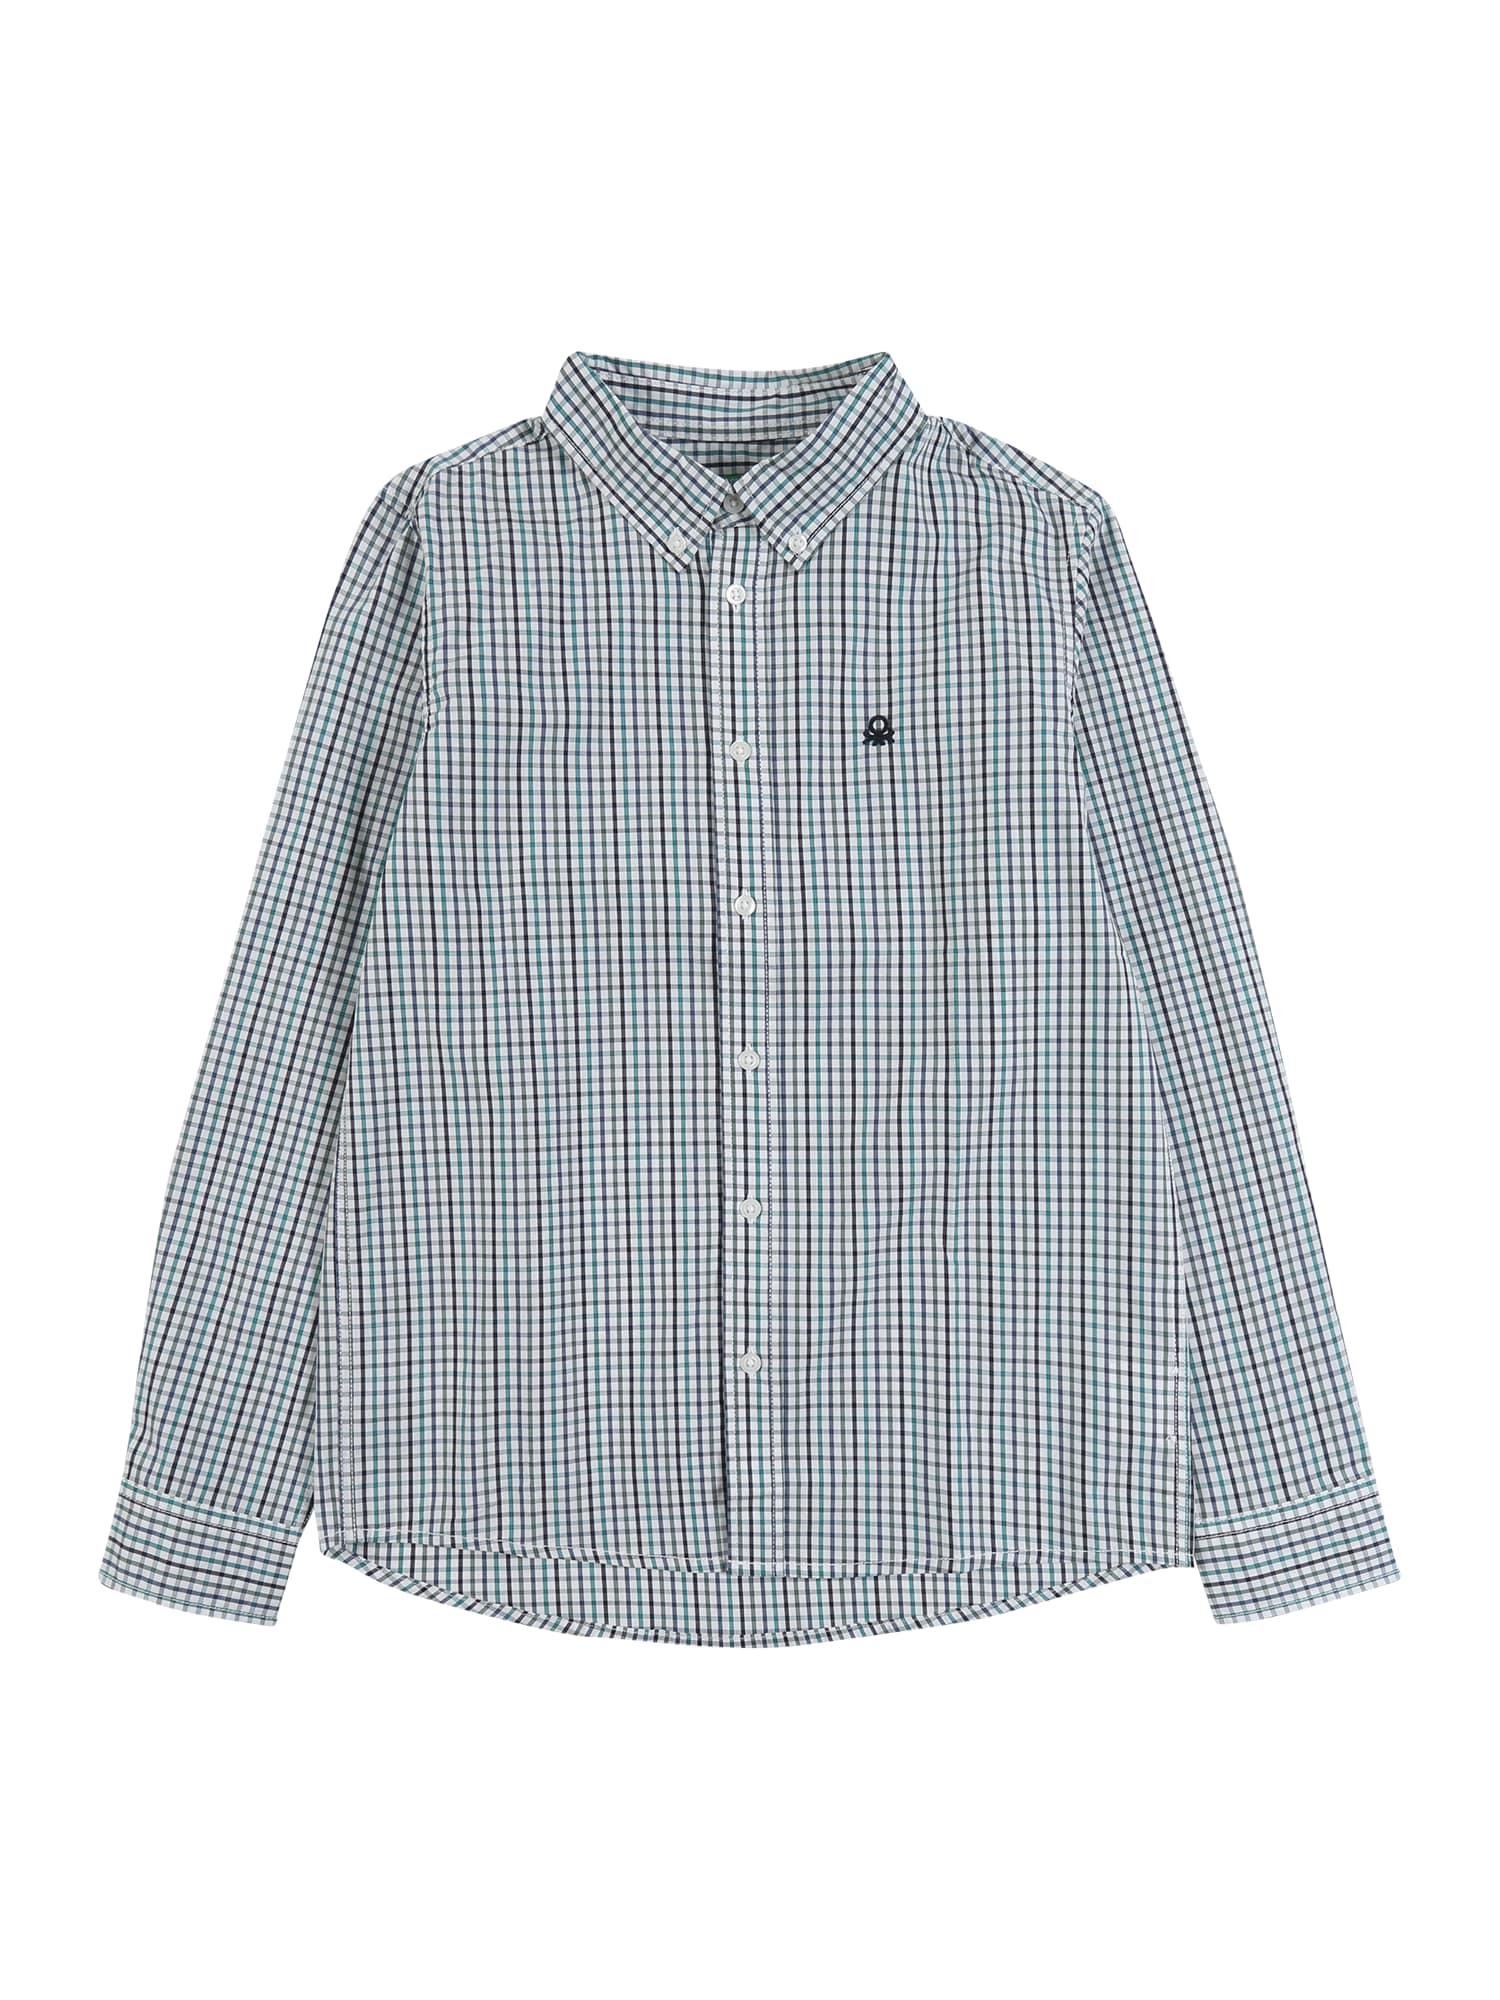 UNITED COLORS OF BENETTON Dalykiniai marškiniai balta / mišrios spalvos / mėlyna